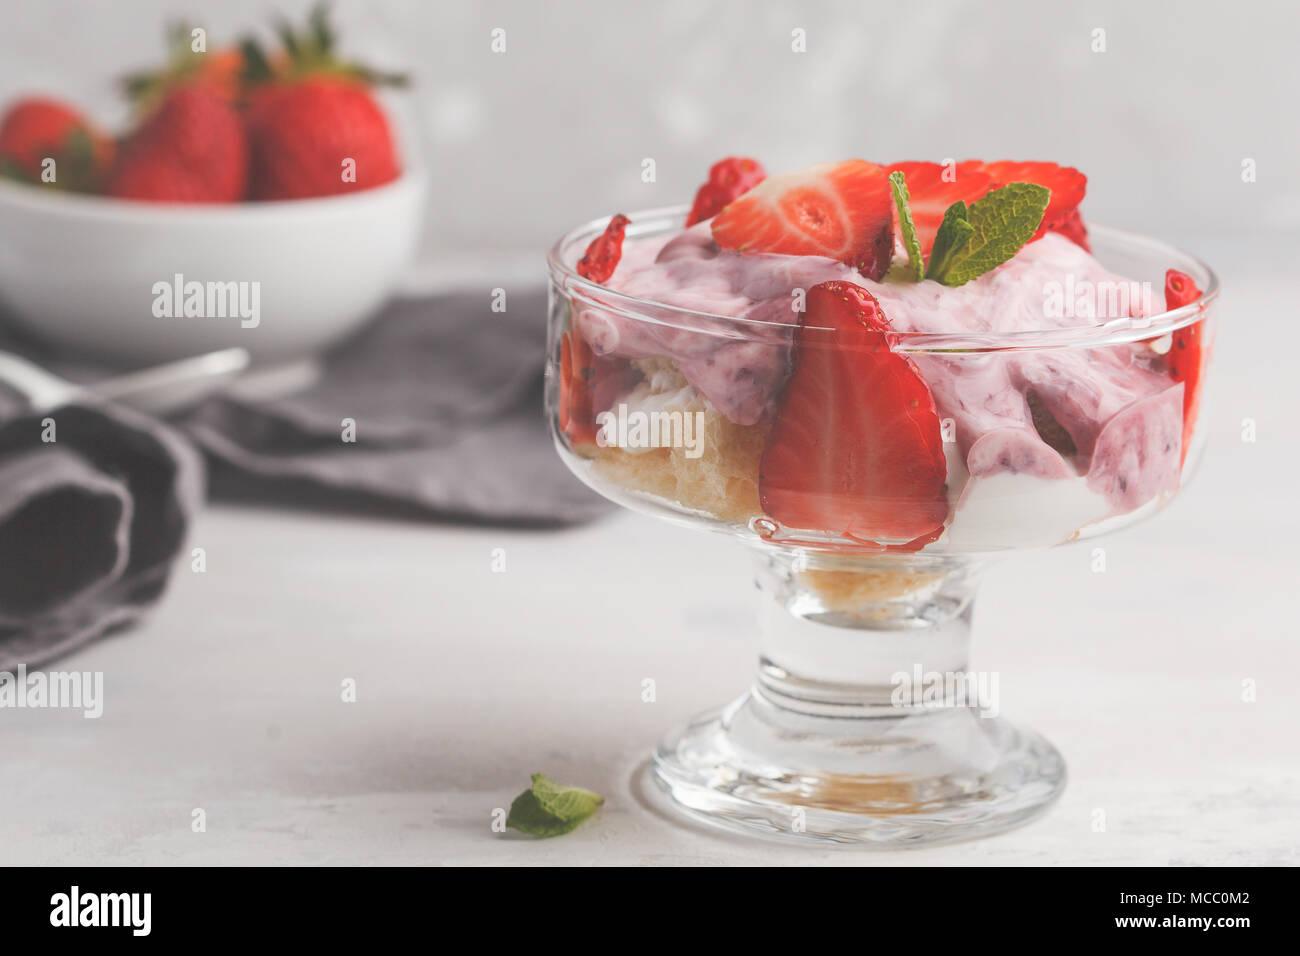 Strawberry Dessert. Berry Kleinigkeit, Käsekuchen, Parfait. Berry Mousse in Glas auf einem hellen Hintergrund. Stockbild